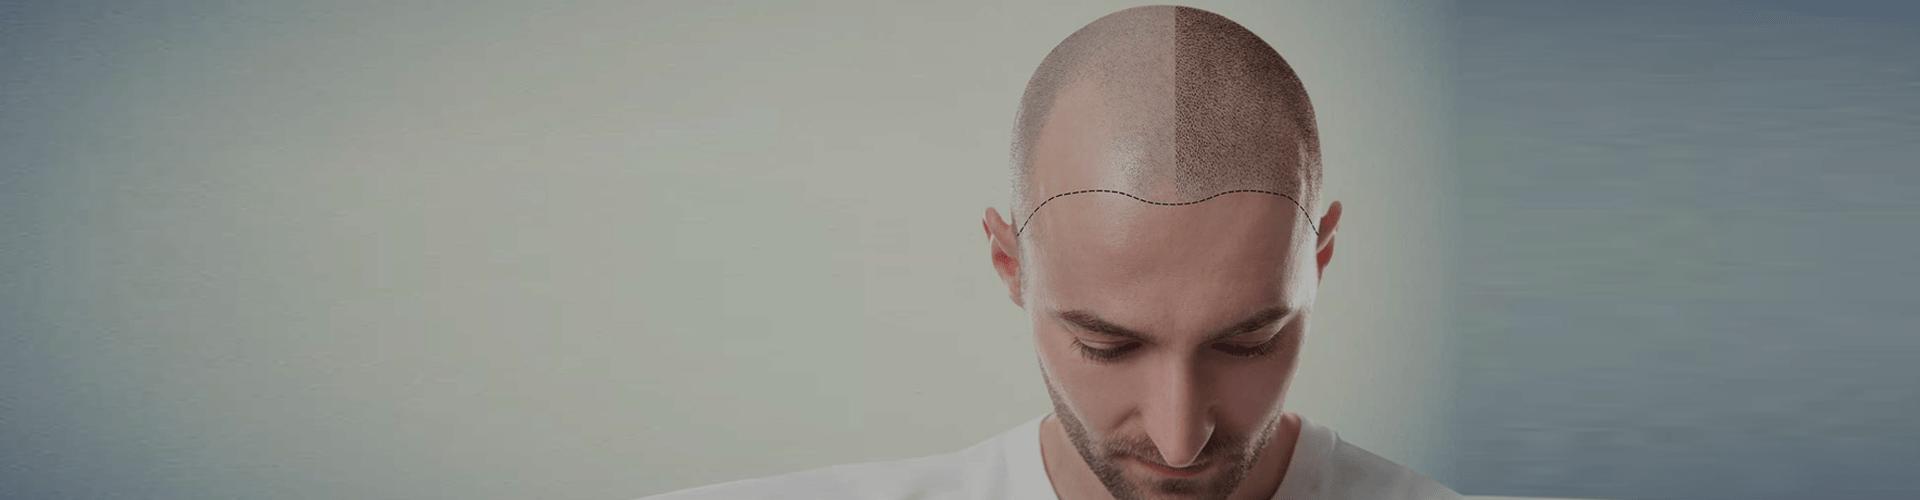 A bald person.